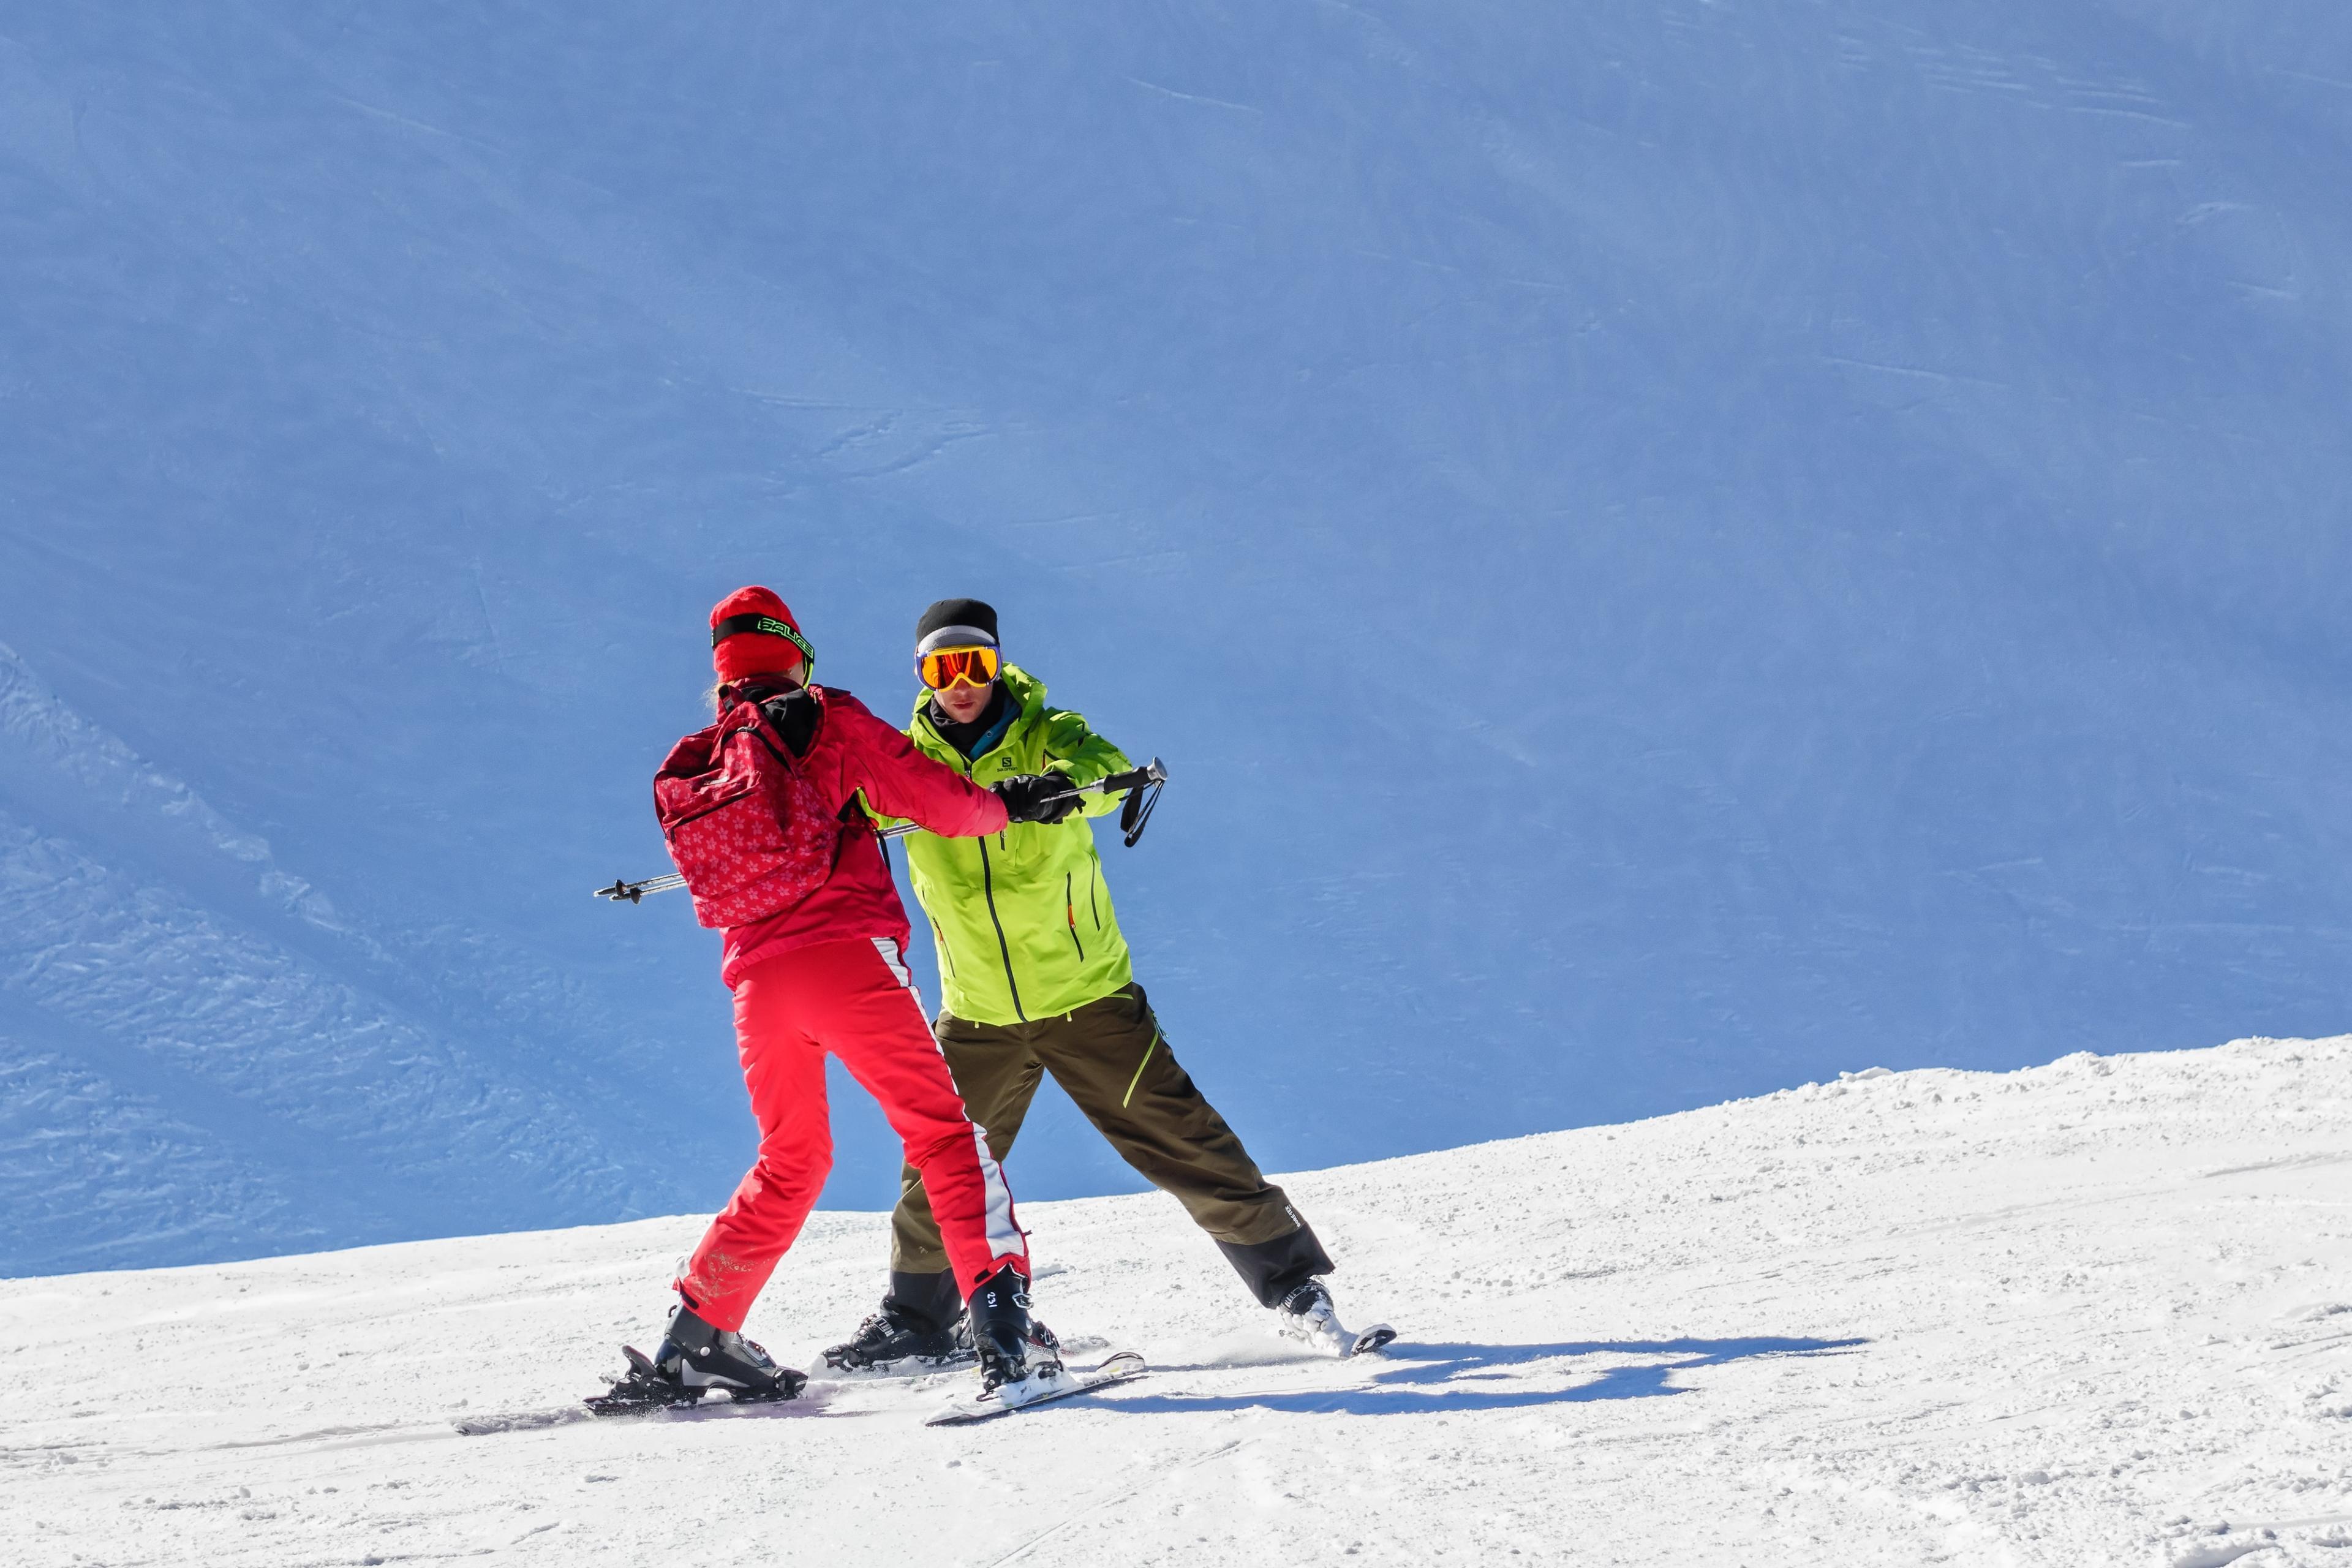 Cours particulier de ski Adultes - Haute saison - Arc 1950